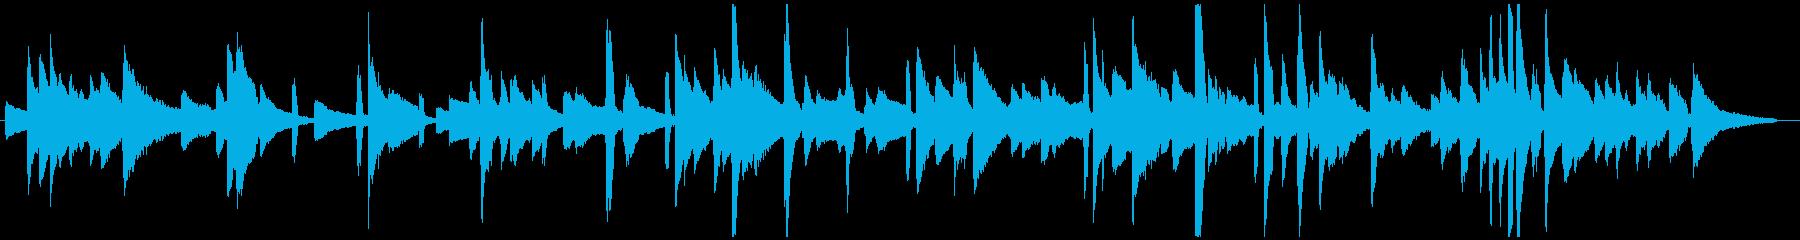 伝統的/古典的なラウンジピアノスタ...の再生済みの波形